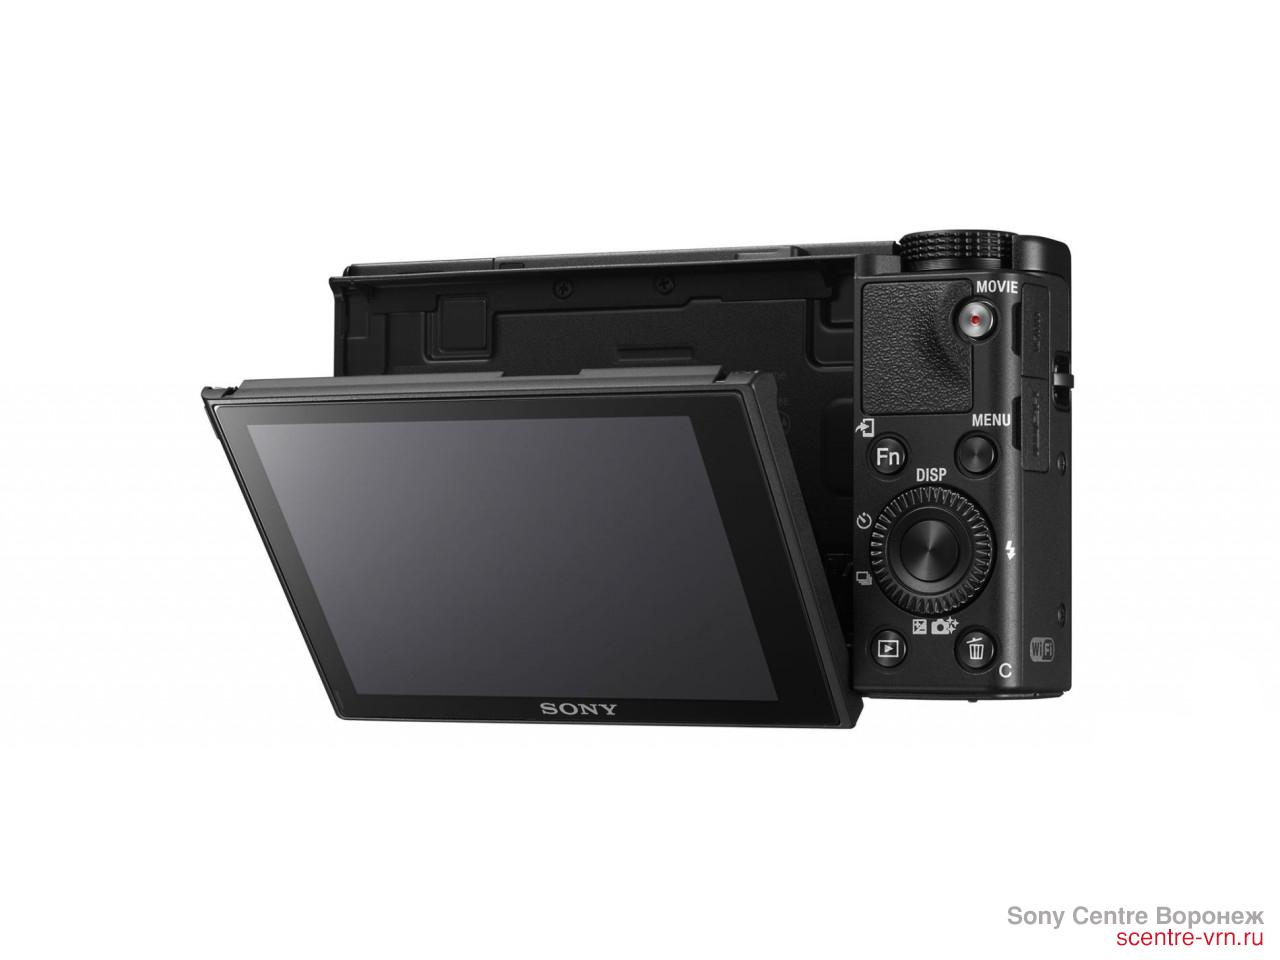 Фотокамера Sony DSC-RX100M5